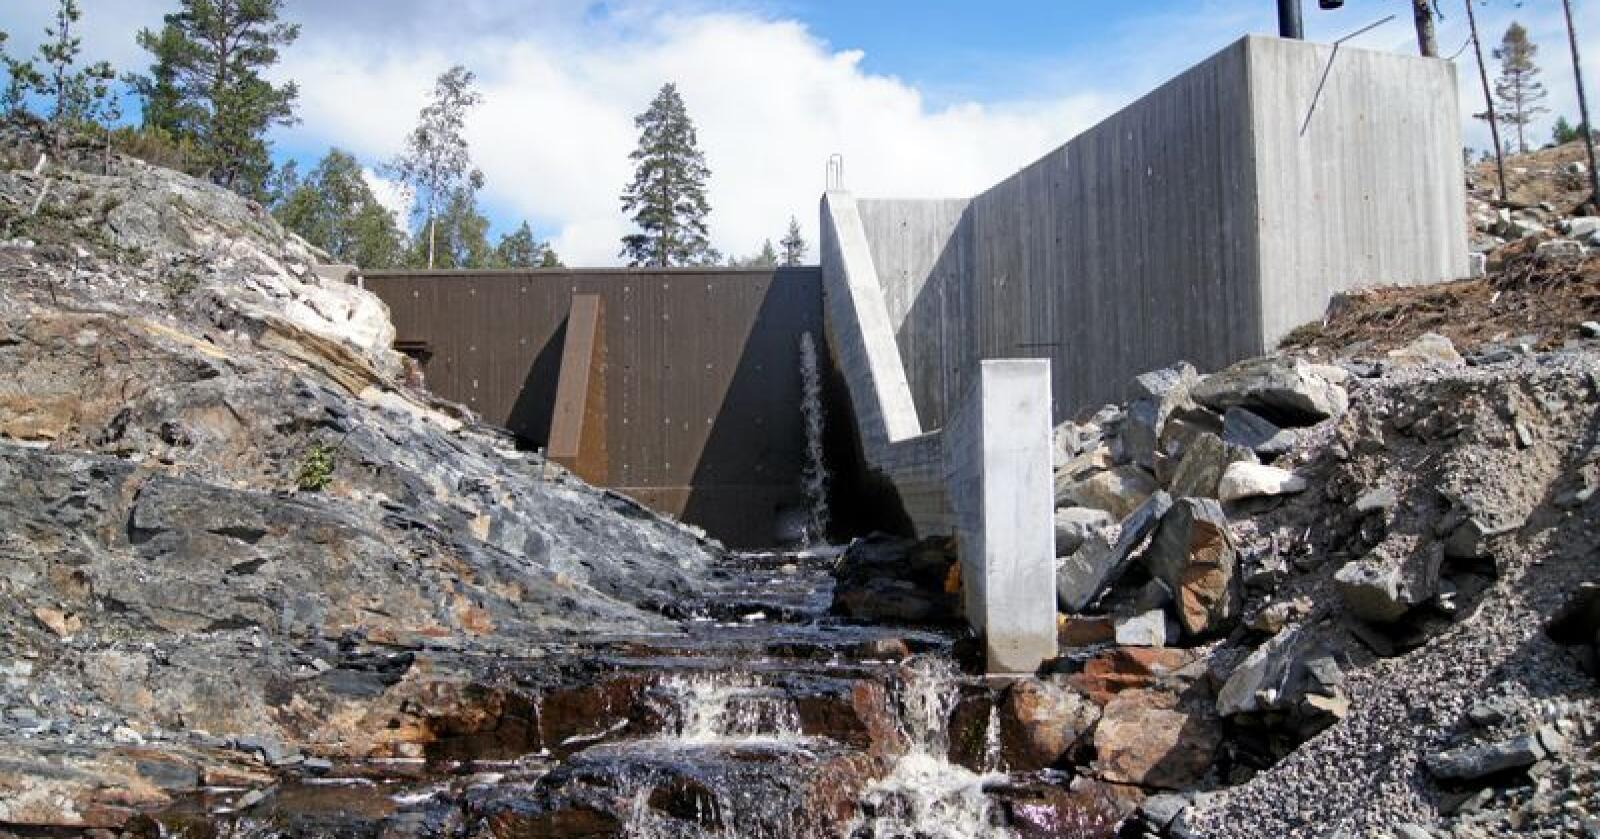 Regjeringen vil ikke endre grunnrenteskatten for små kraftverk. Foto: Erik Vestgård